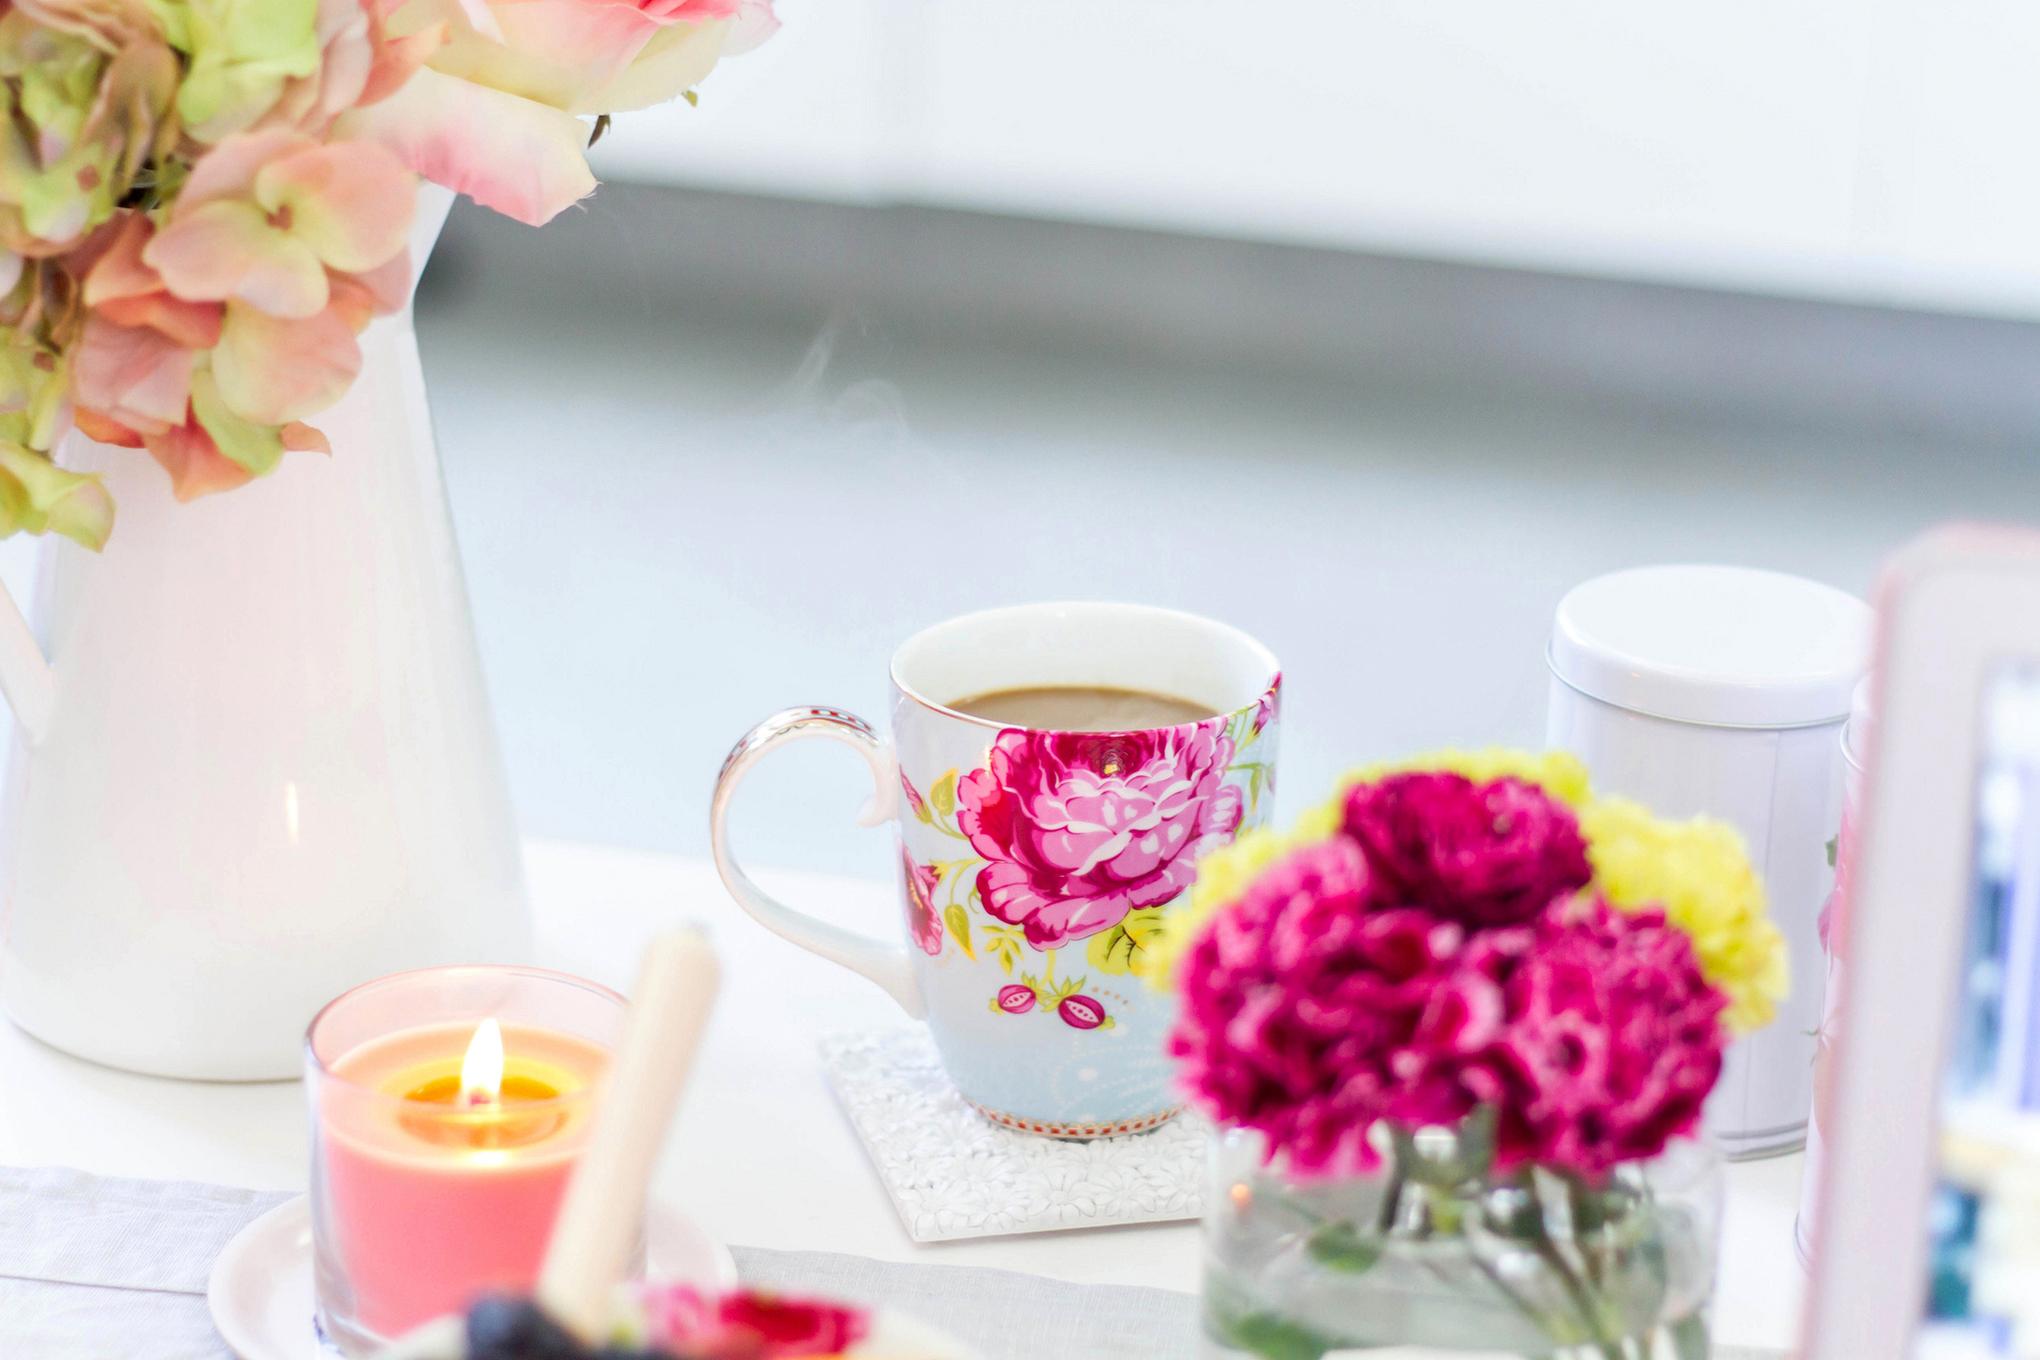 цветы свечи  № 1504306 загрузить